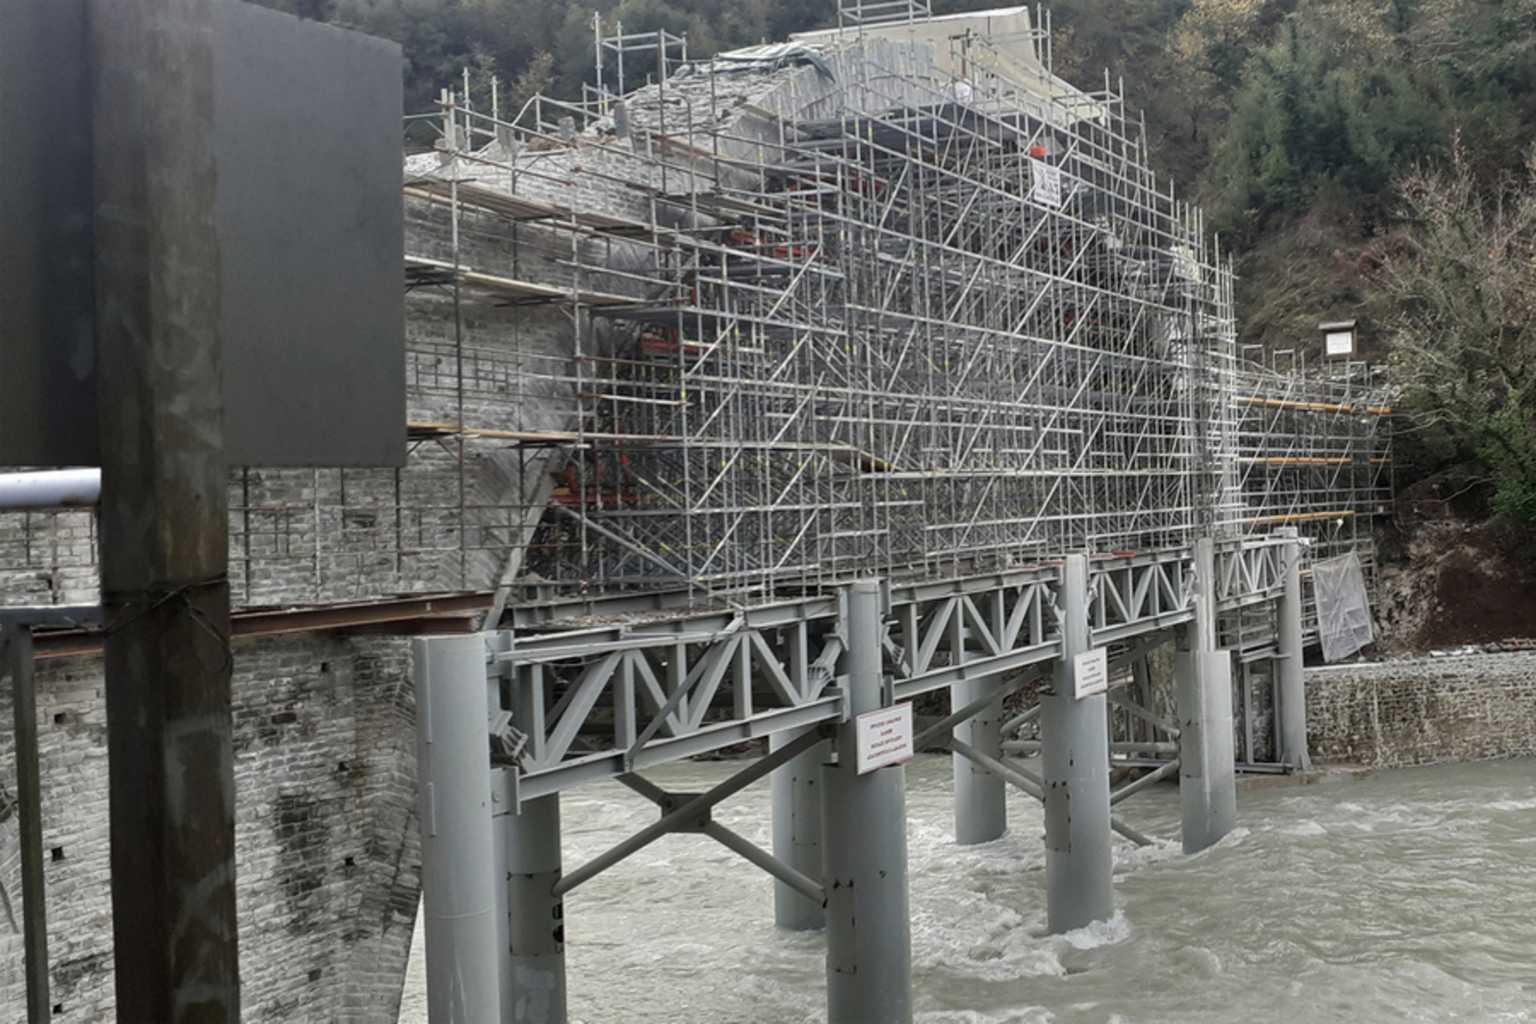 Γεφύρι της Πλάκας: Ολοκληρώθηκε η μεγαλύτερη αποκατάσταση πέτρινου γεφυριού στον κόσμο!